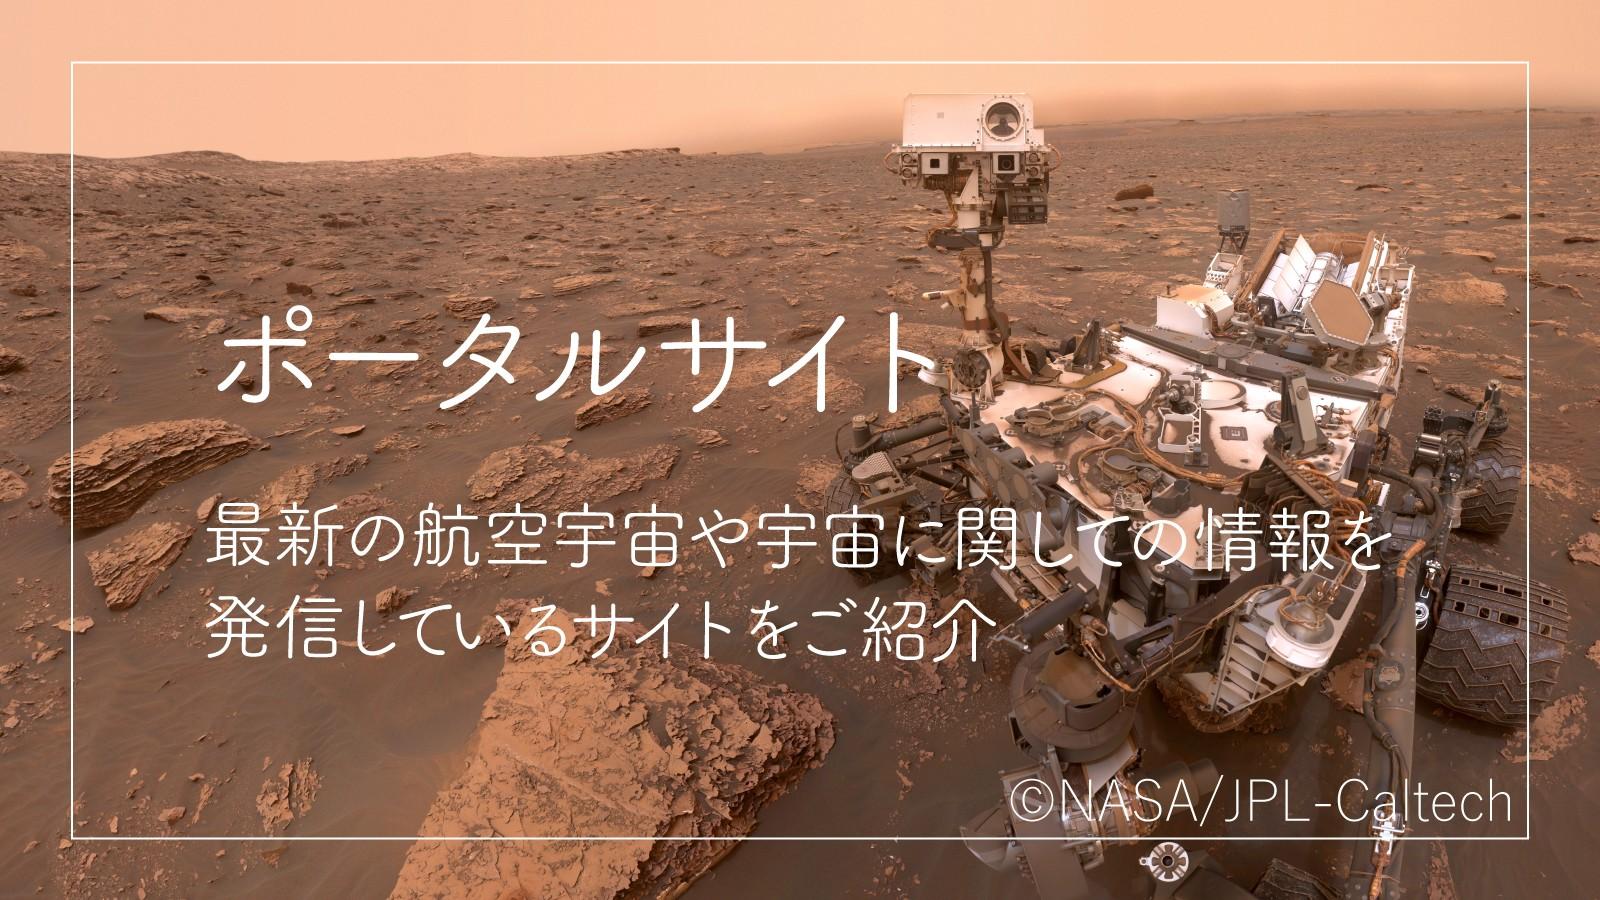 ポータル:航空宇宙やものづくりに関する情報を発信サイト